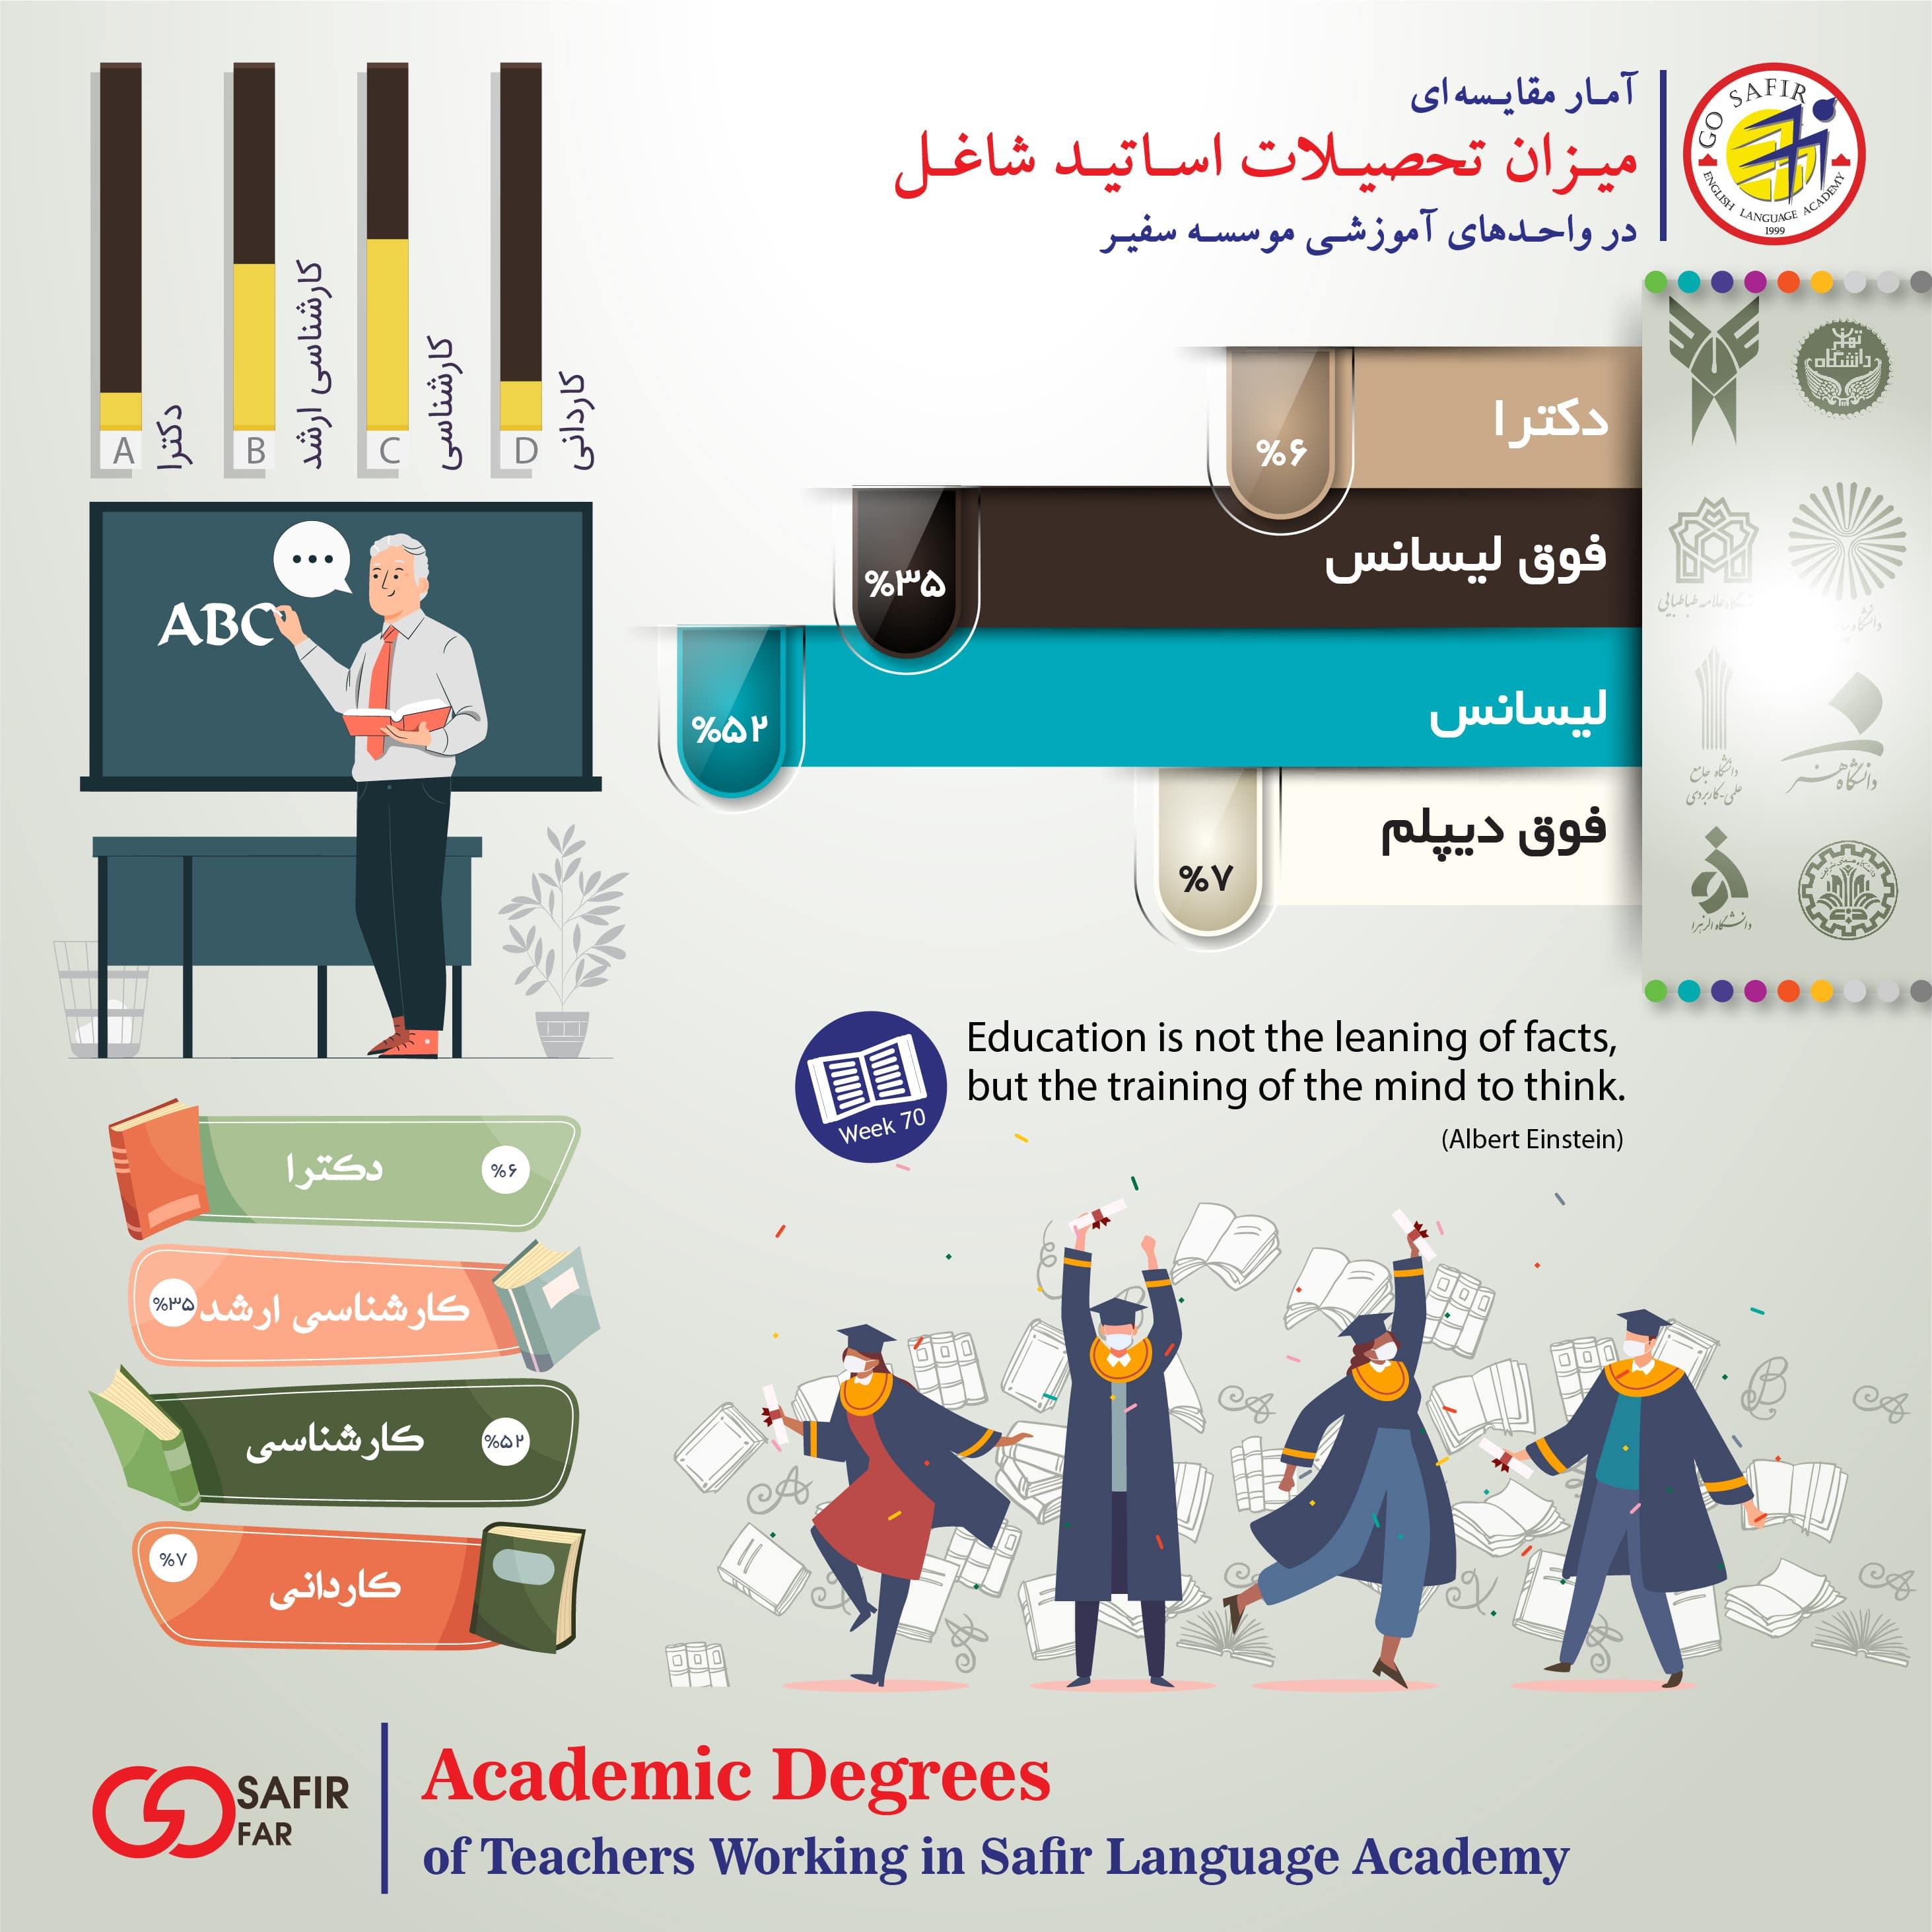 اینفوگرافی میزان تحصیلات اساتید